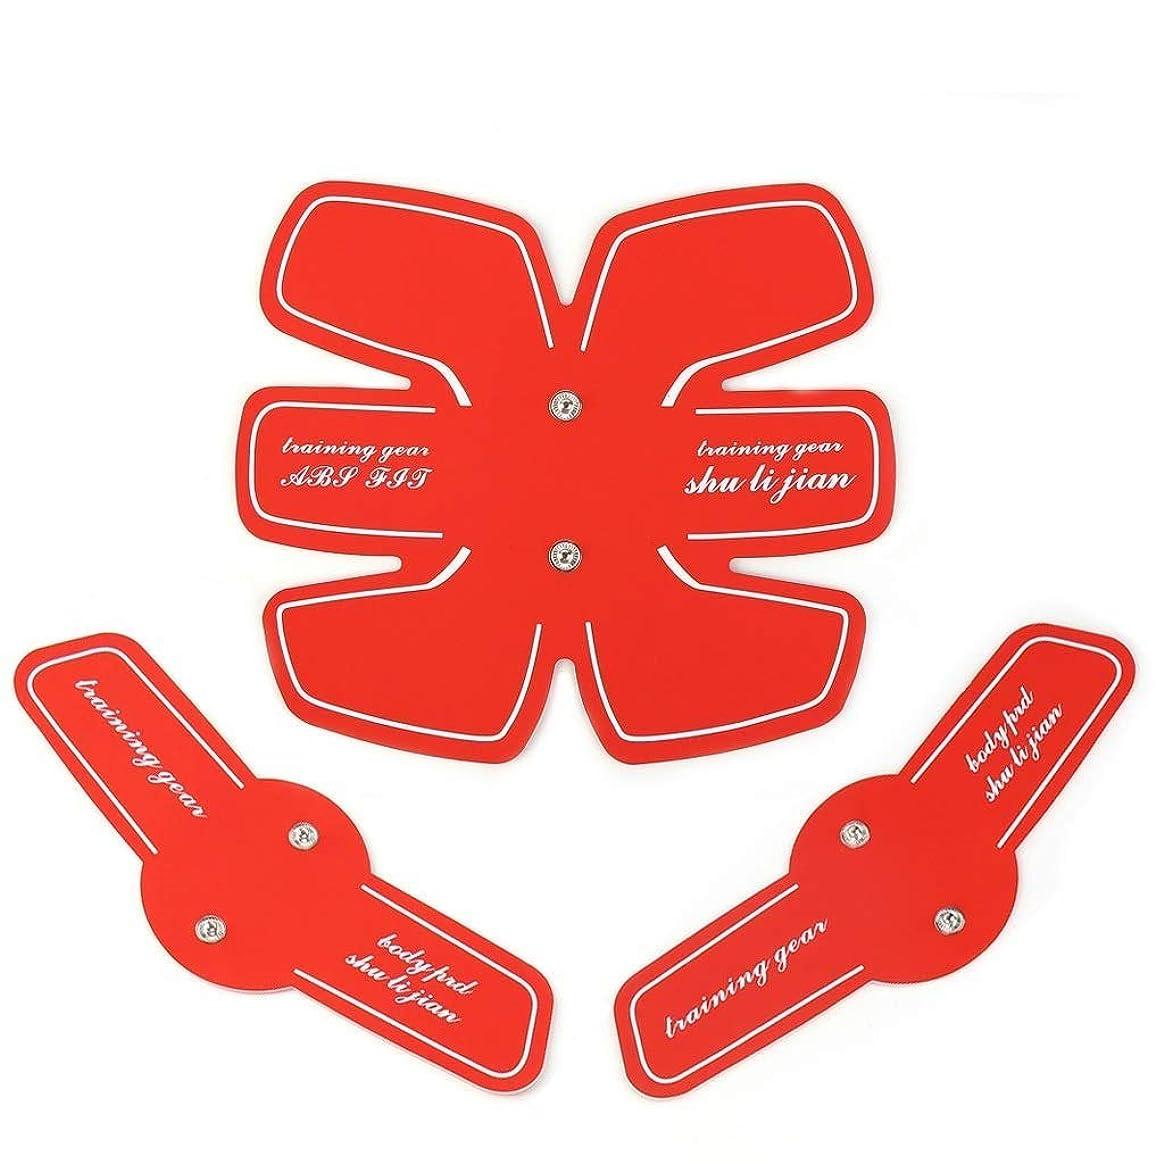 すり減るマーティフィールディング食物フィットネス腹筋刺激装置トレーナーEMS筋肉トナー筋肉刺激剤腹部調色用ベルト、ホームオフィスUSB充電エクササイズ腹部/腕/脚腹部マッサージ (Color : RED)